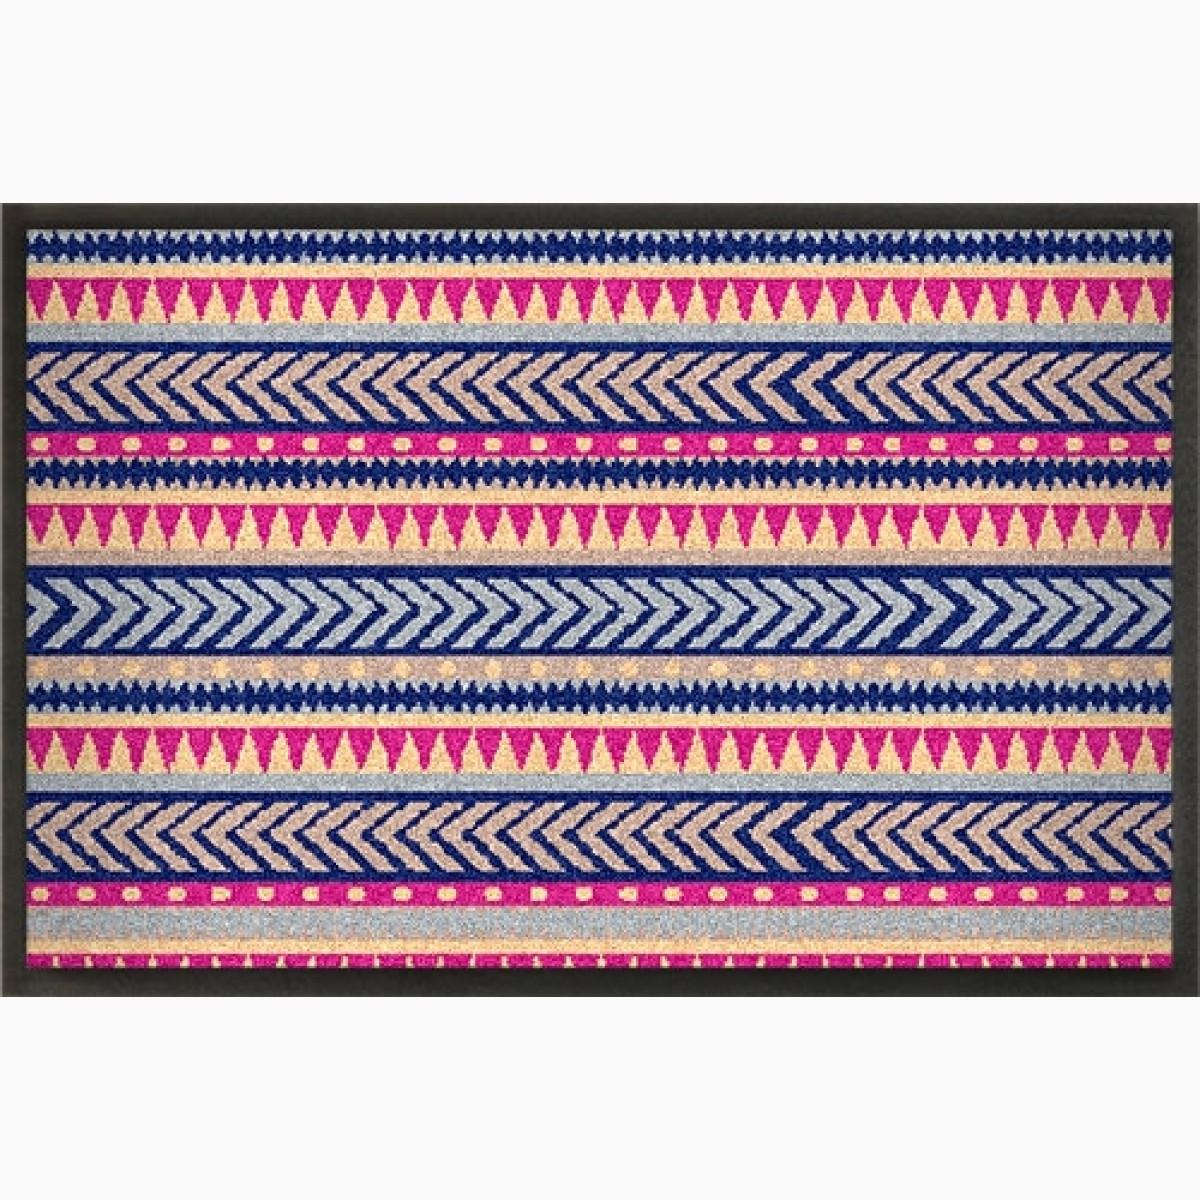 Fußmatte »Ethno« bunt bedruckt, gestalten